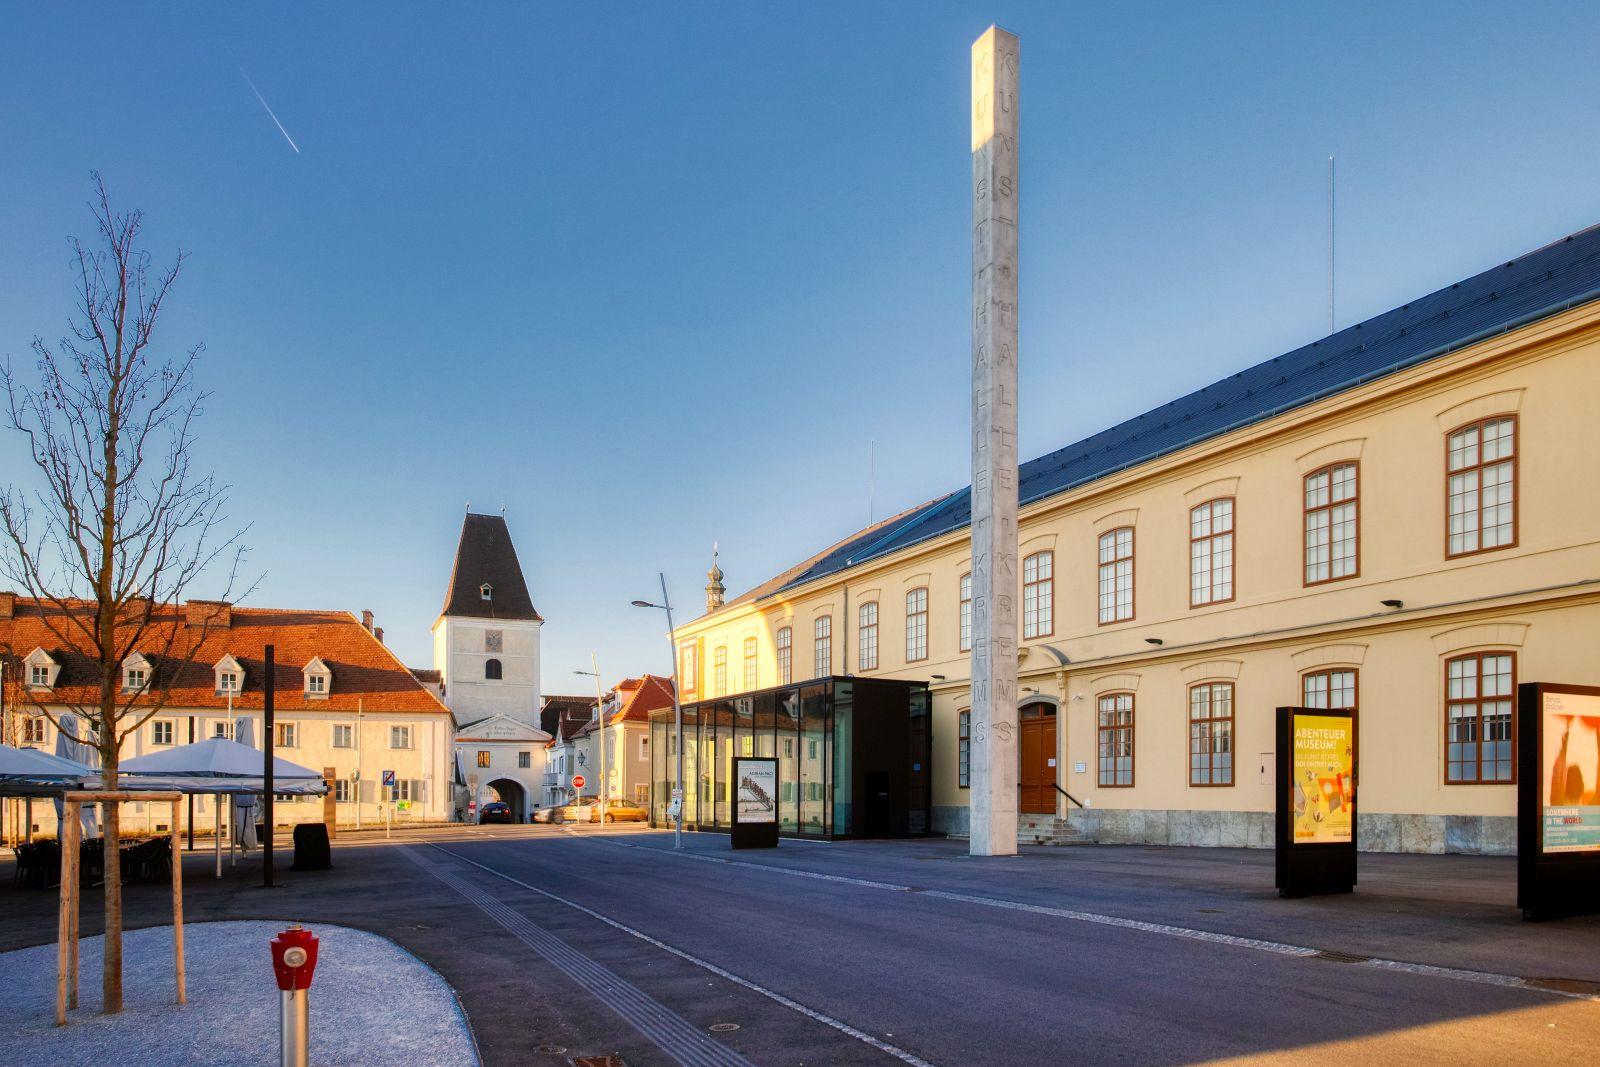 Schtze verhaftet - Streit eskalierte: Schsse beim - menus2view.com